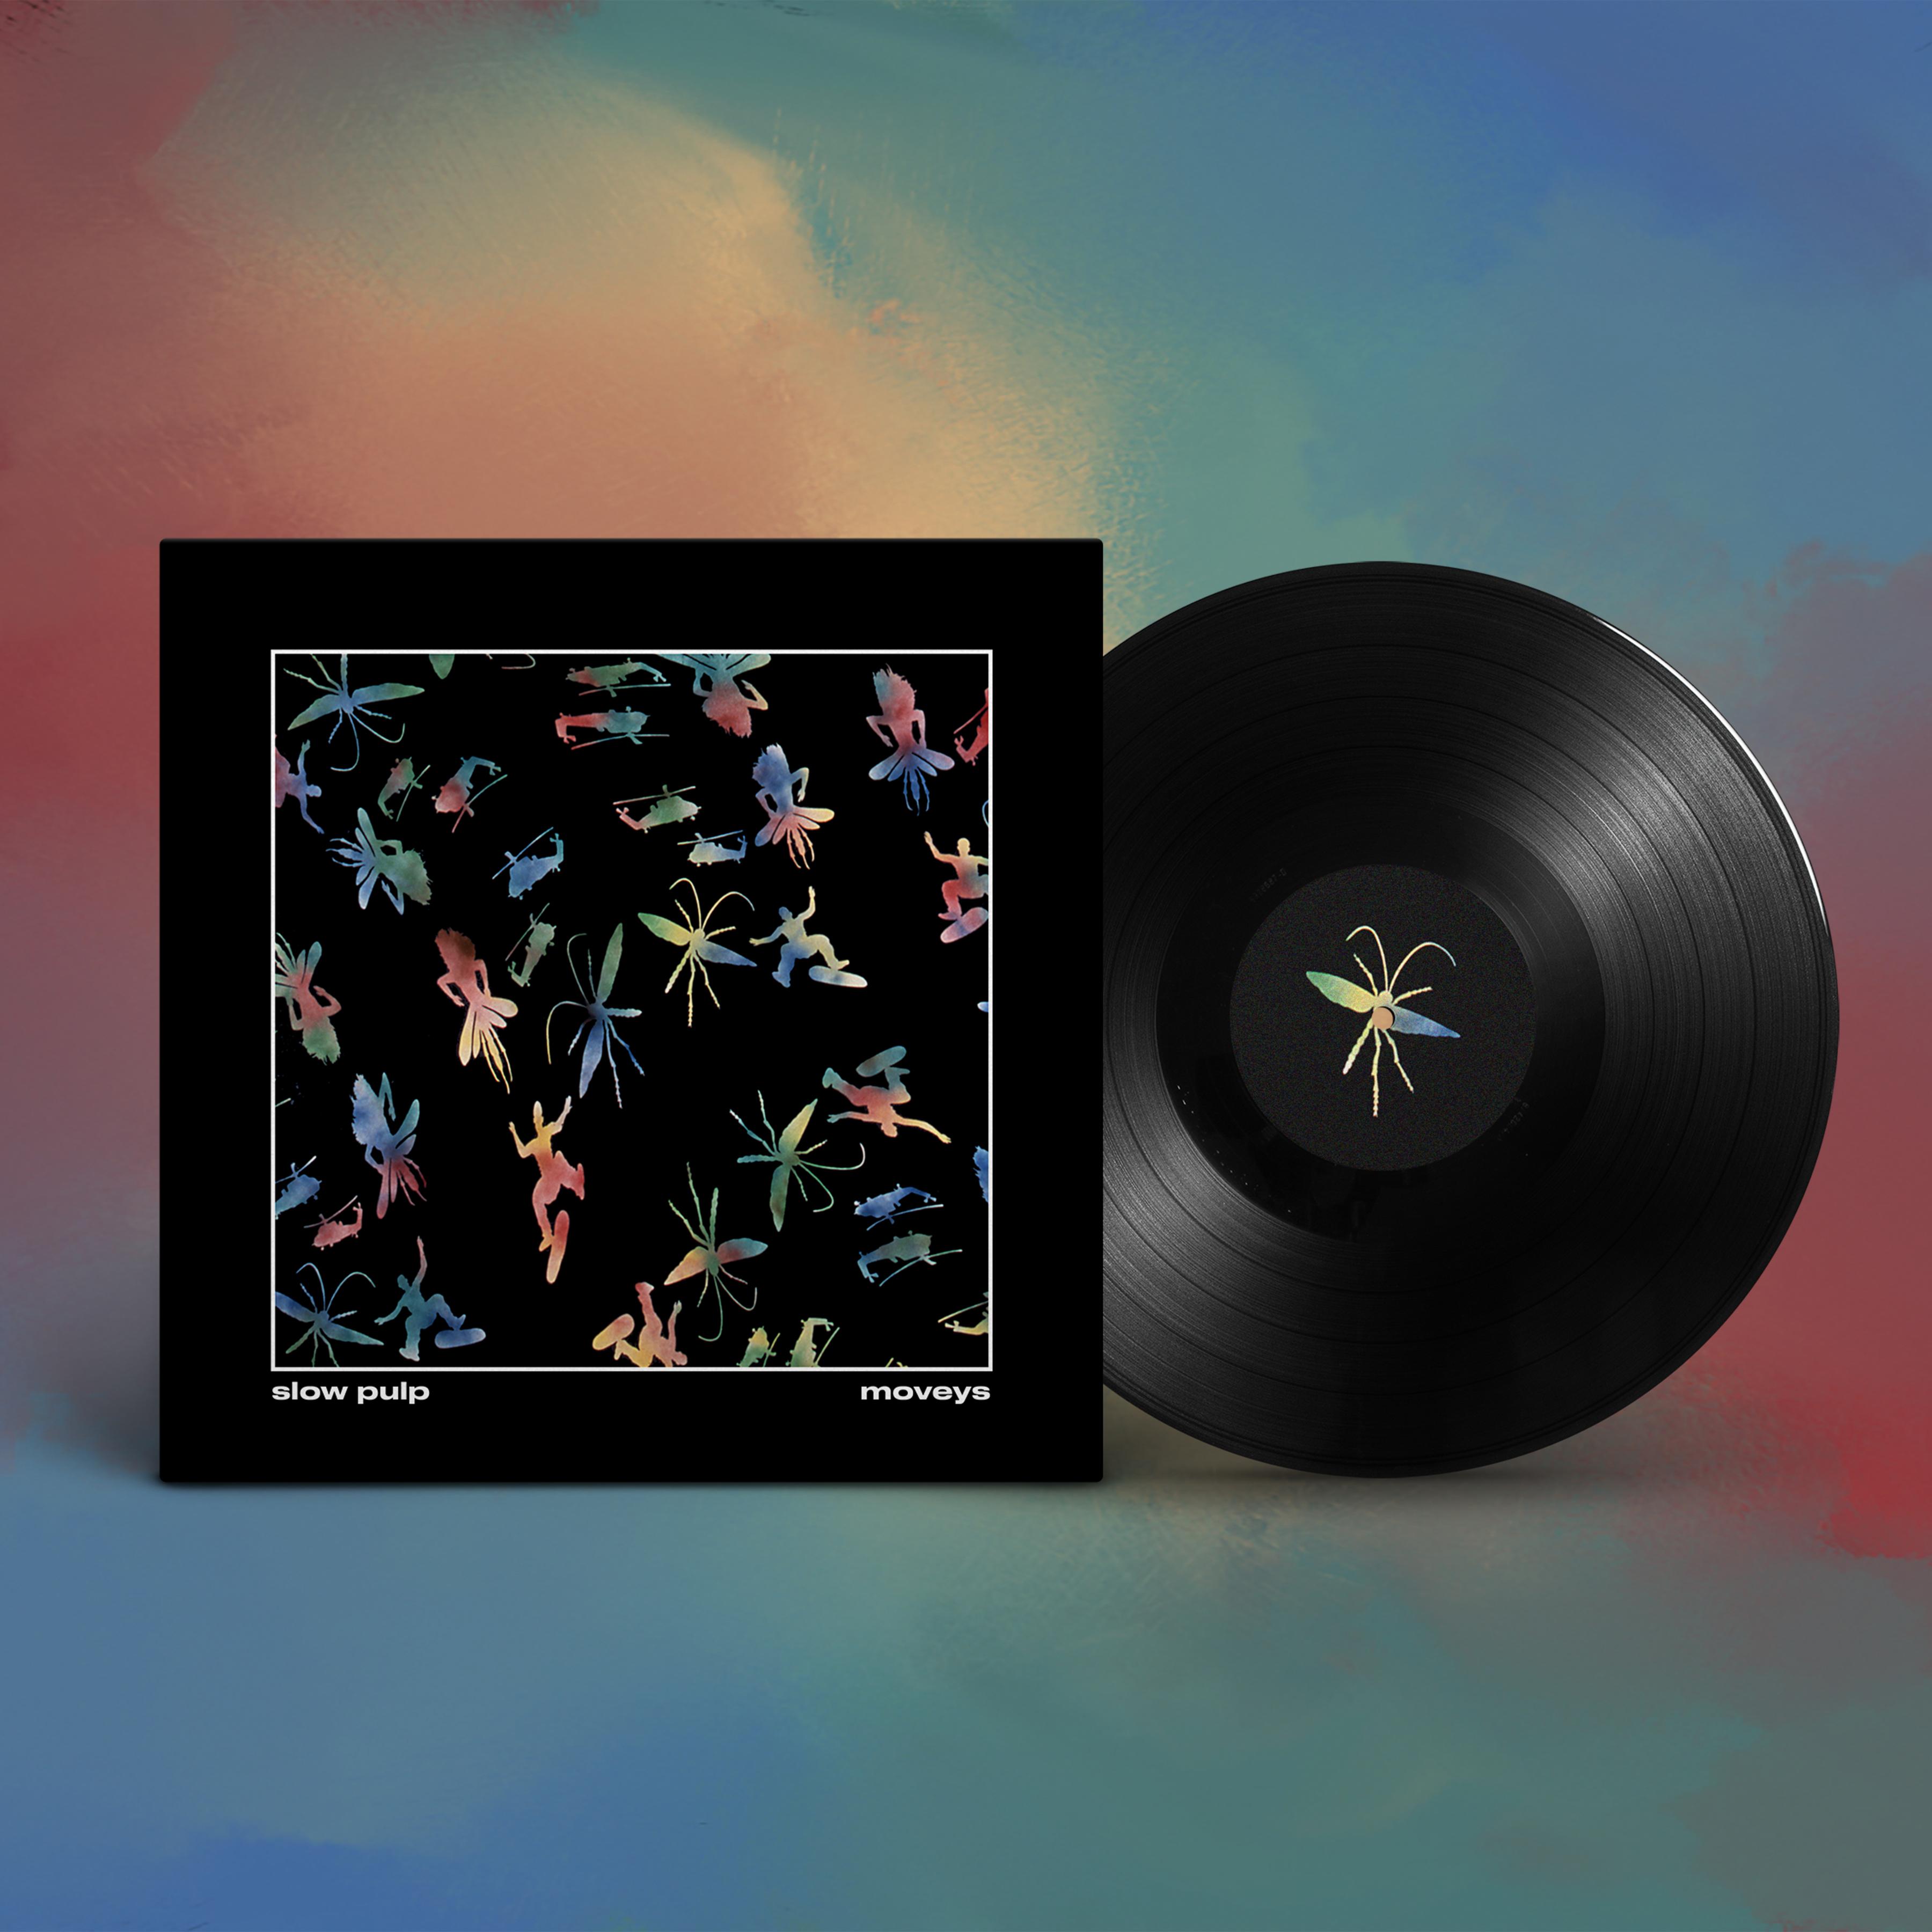 Logo Tee & Moveys Vinyl